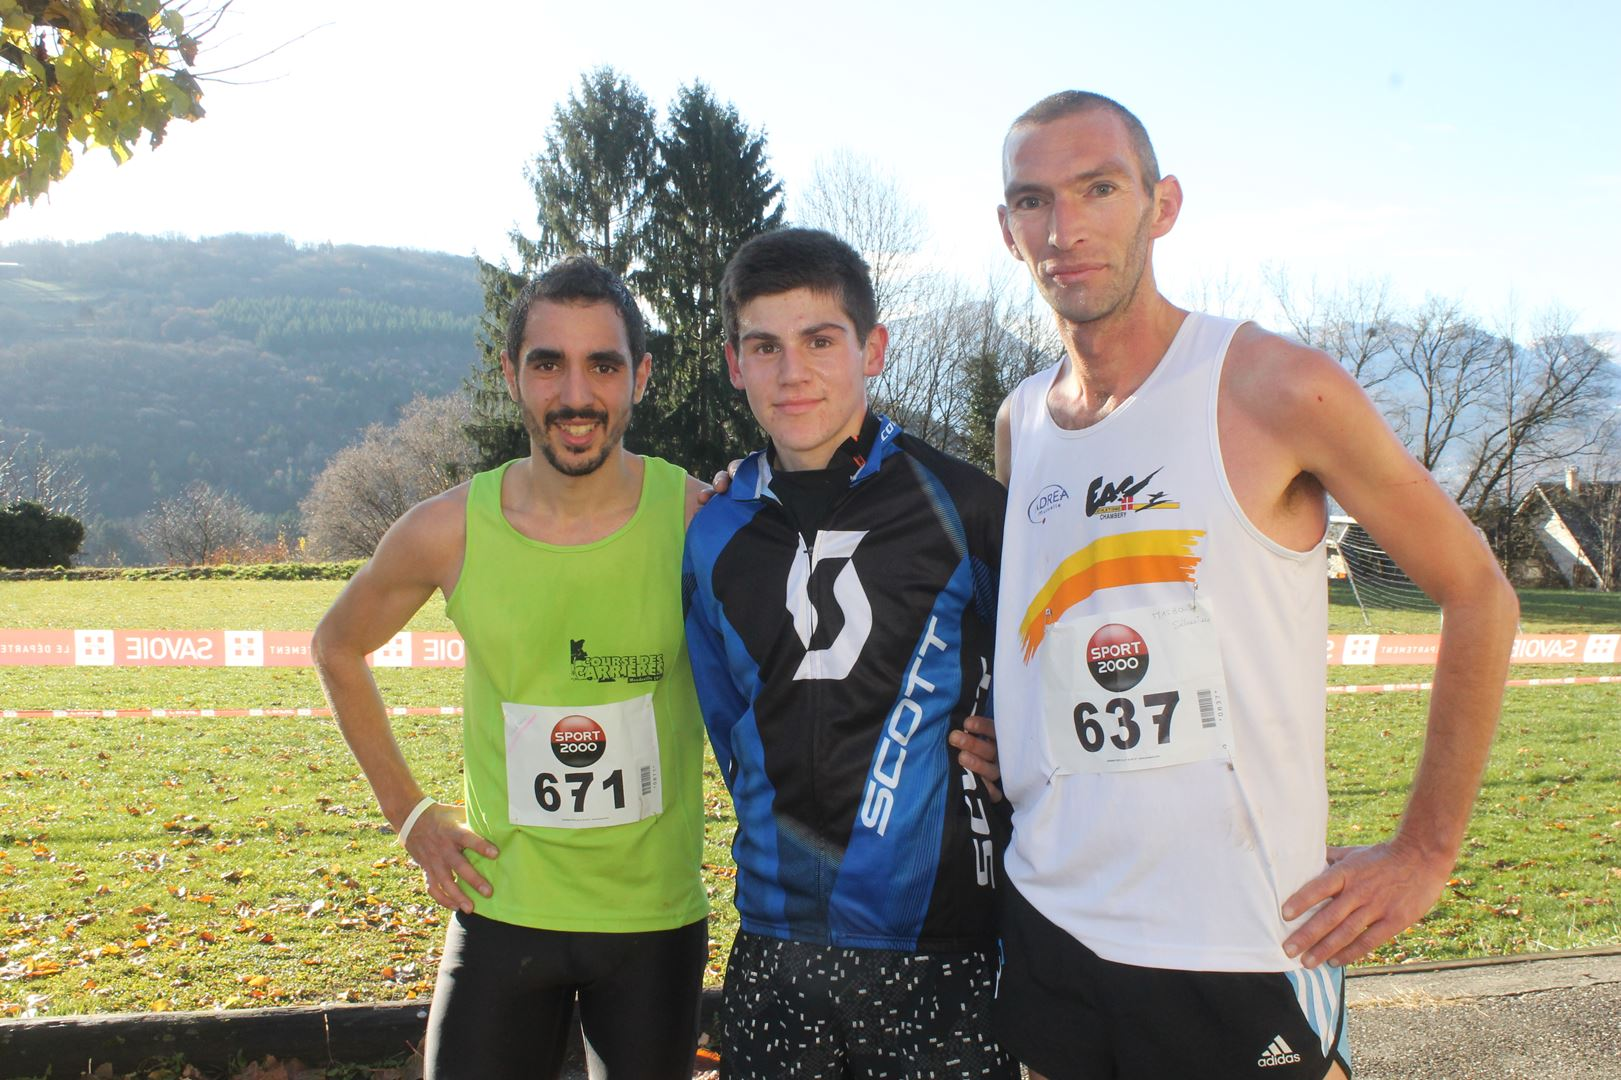 les 3 premiers hommes du 11km - RESULTATS ET COMPTE RENDU DE LA SANGERUN 26-11-2017 SAINT JEAN D'ARVEY (73)